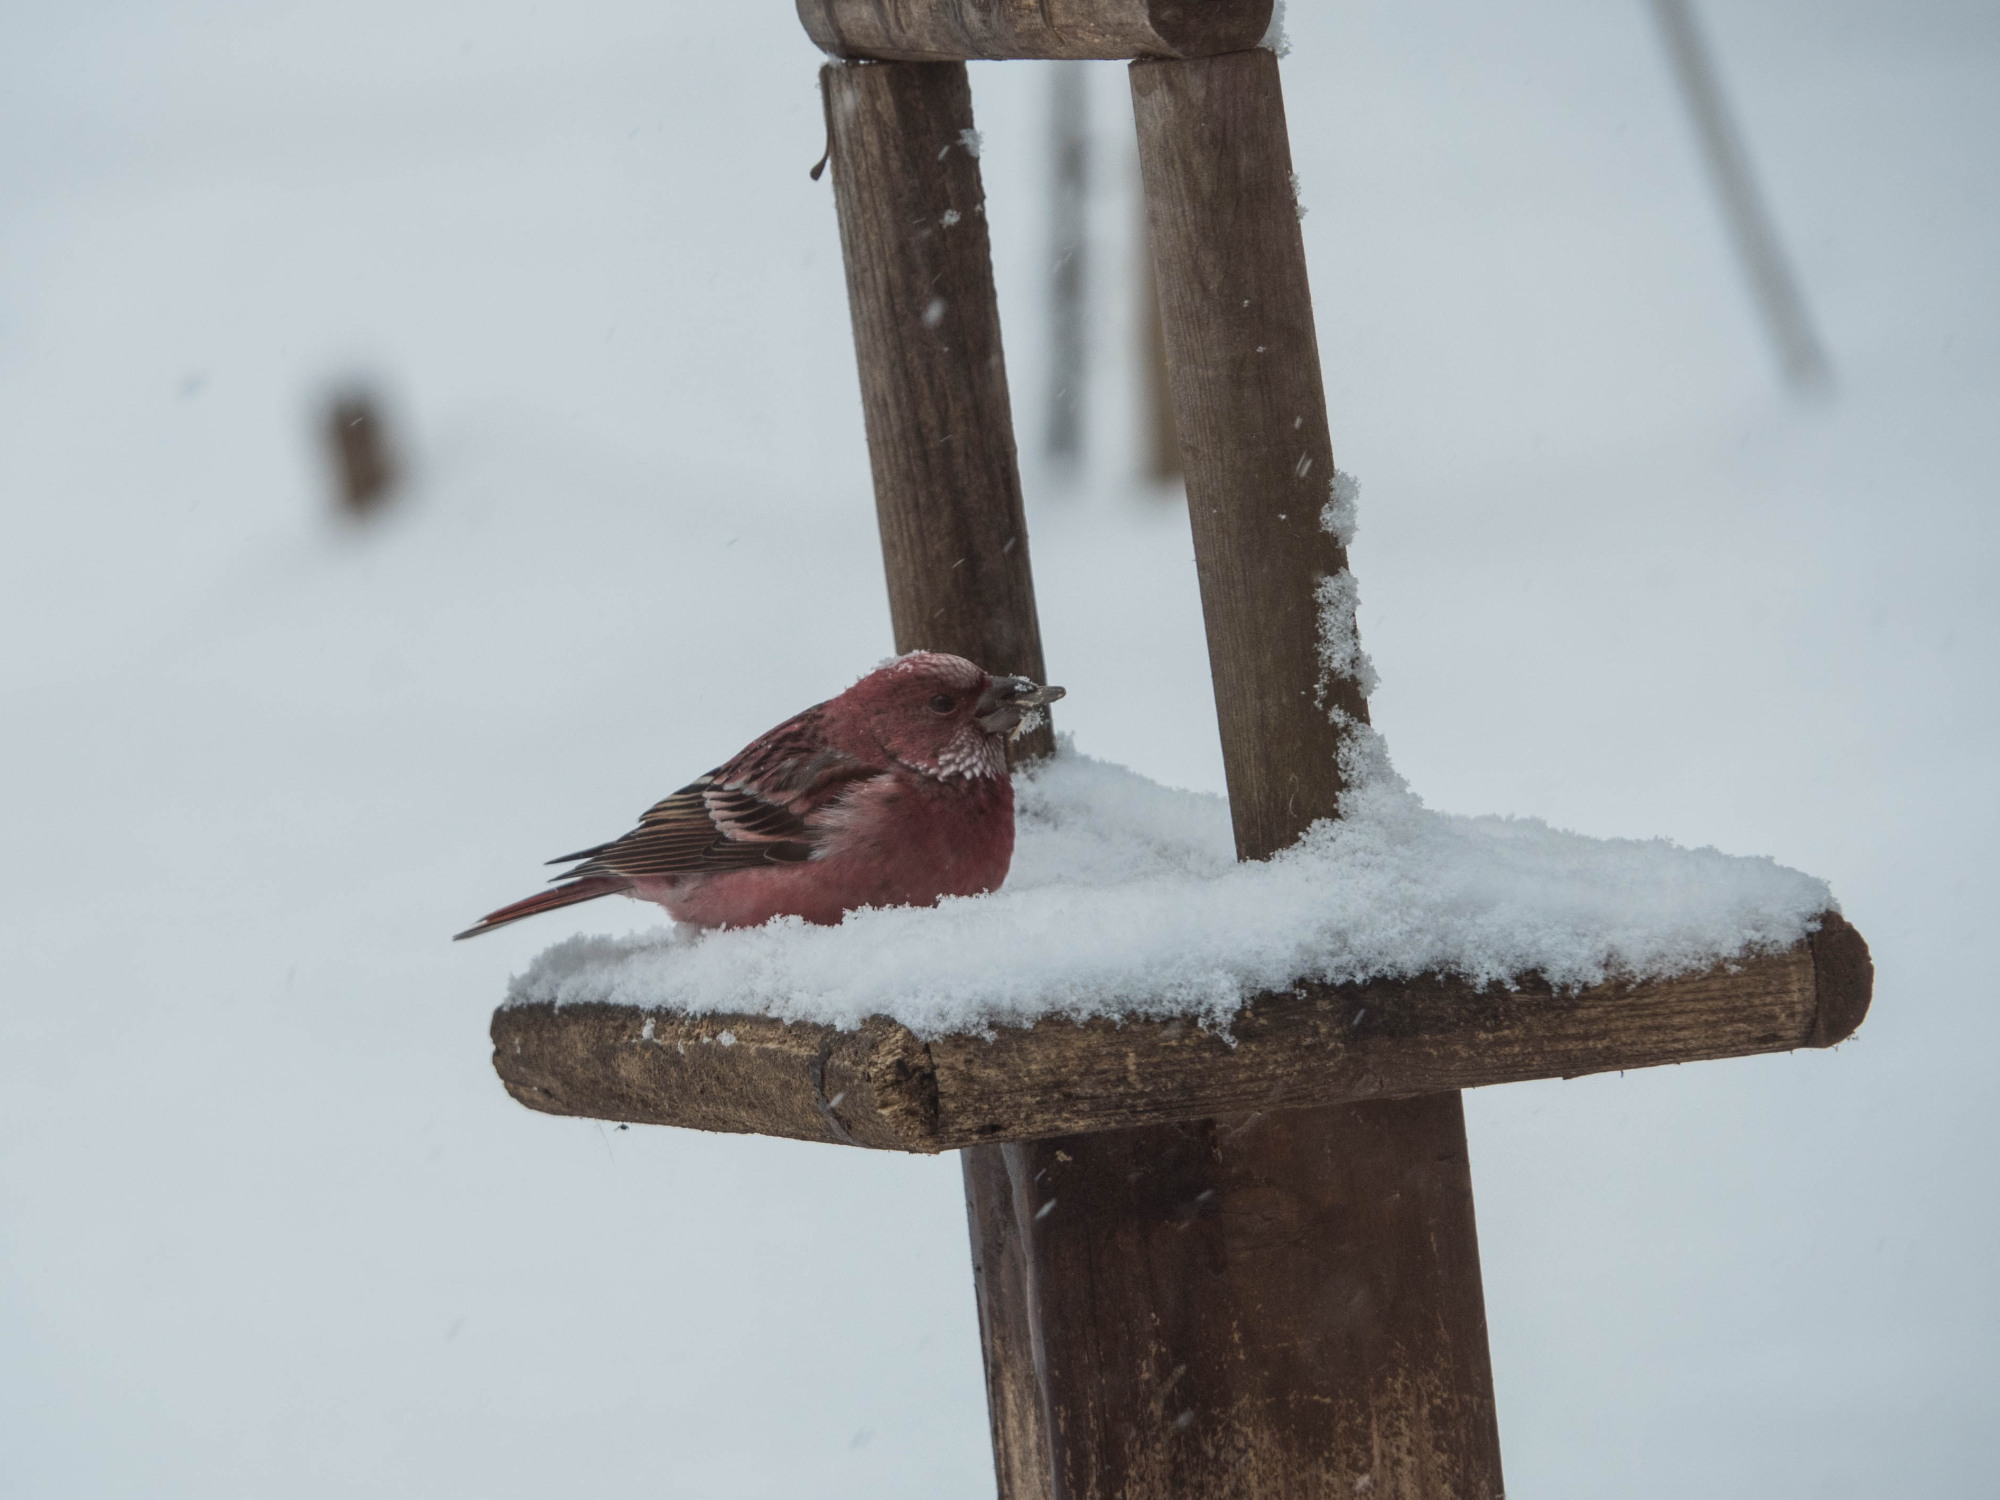 雪まみれのエゾリス君の後・・真っ赤なオオマシコさんがやって来ました。_f0276498_00374399.jpg